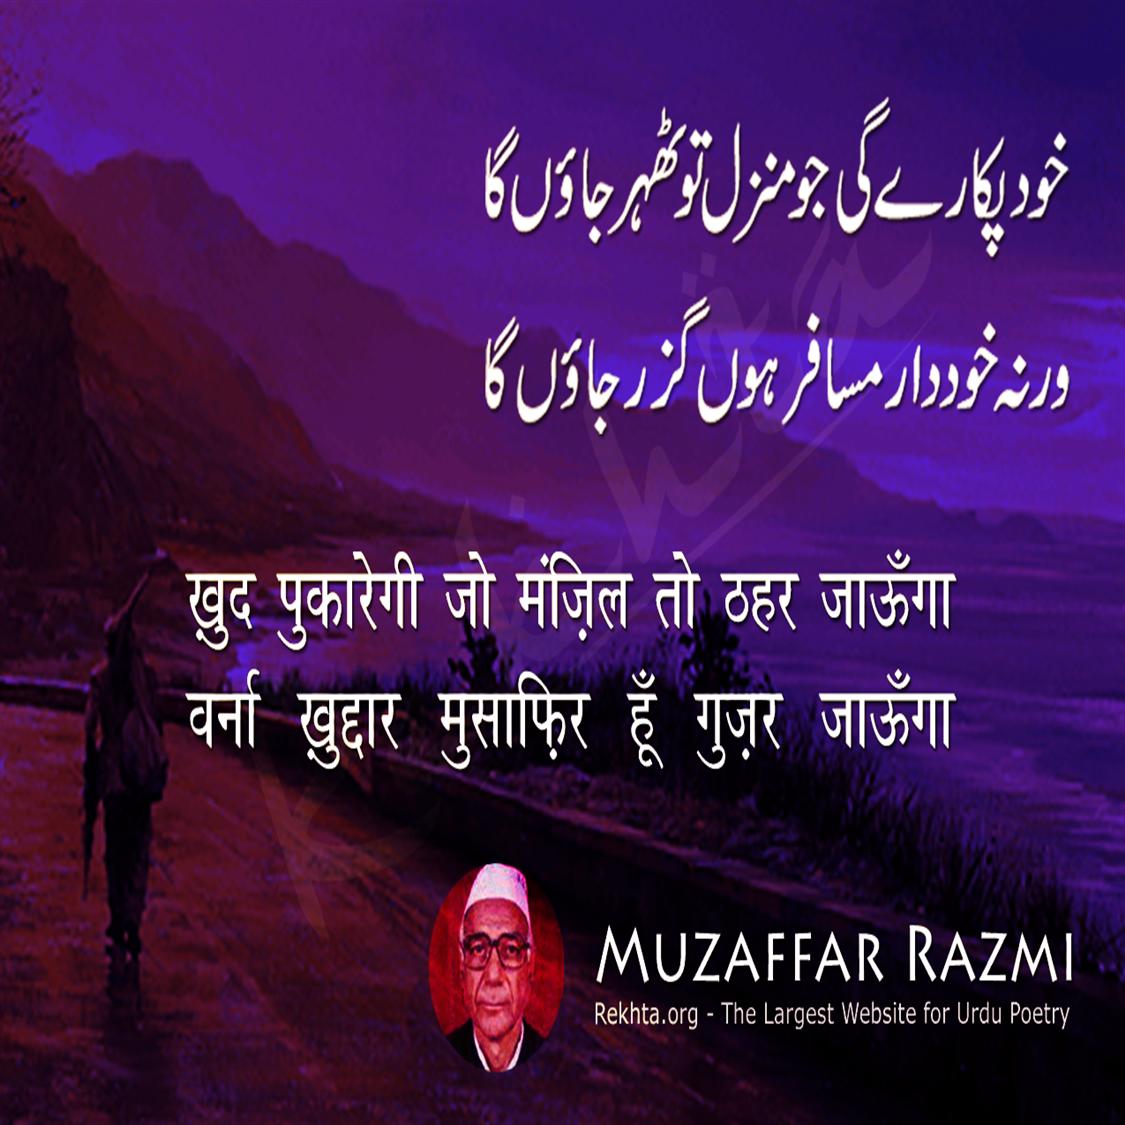 KHud pukaaregii jo manzil to Thahar jaa.uu.ngaa-Muzaffar Razmi